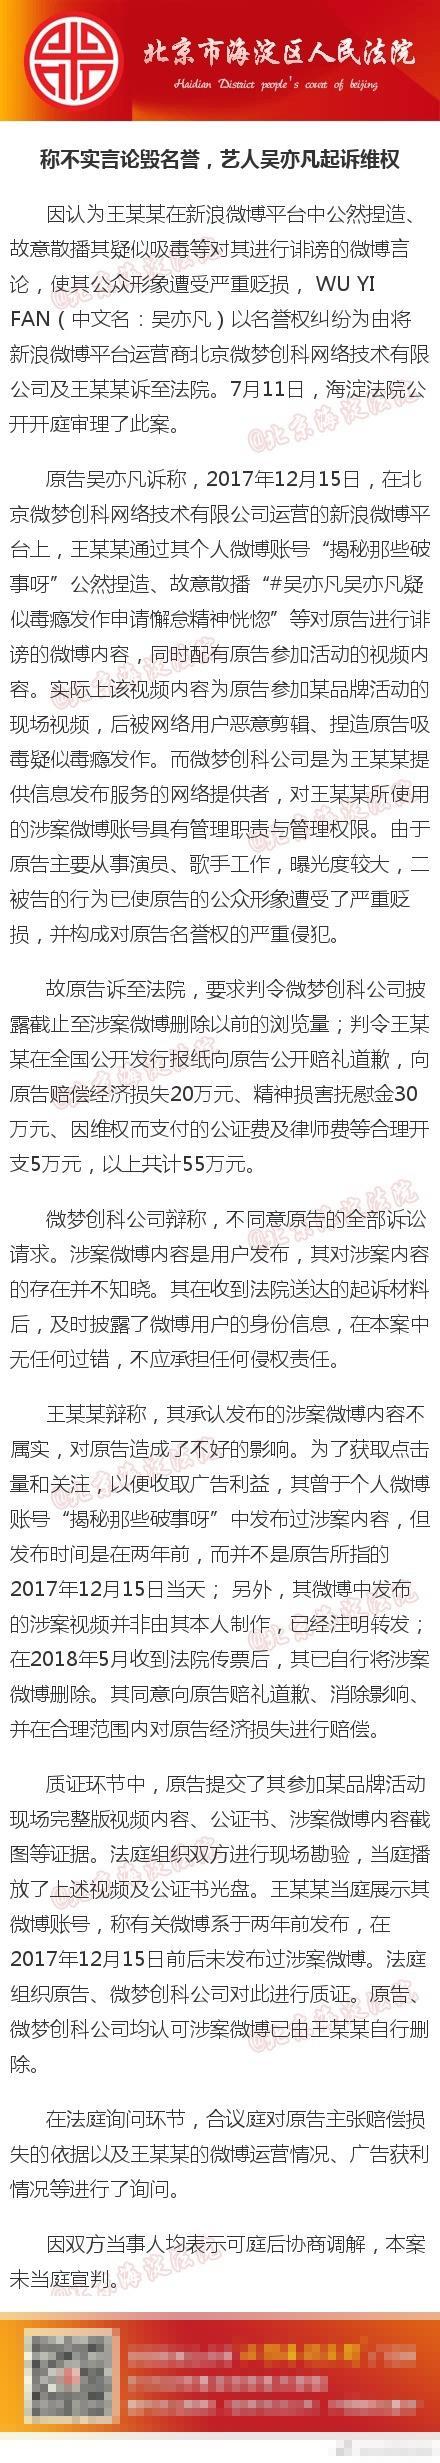 吴亦凡名誉权纠纷案开庭审理